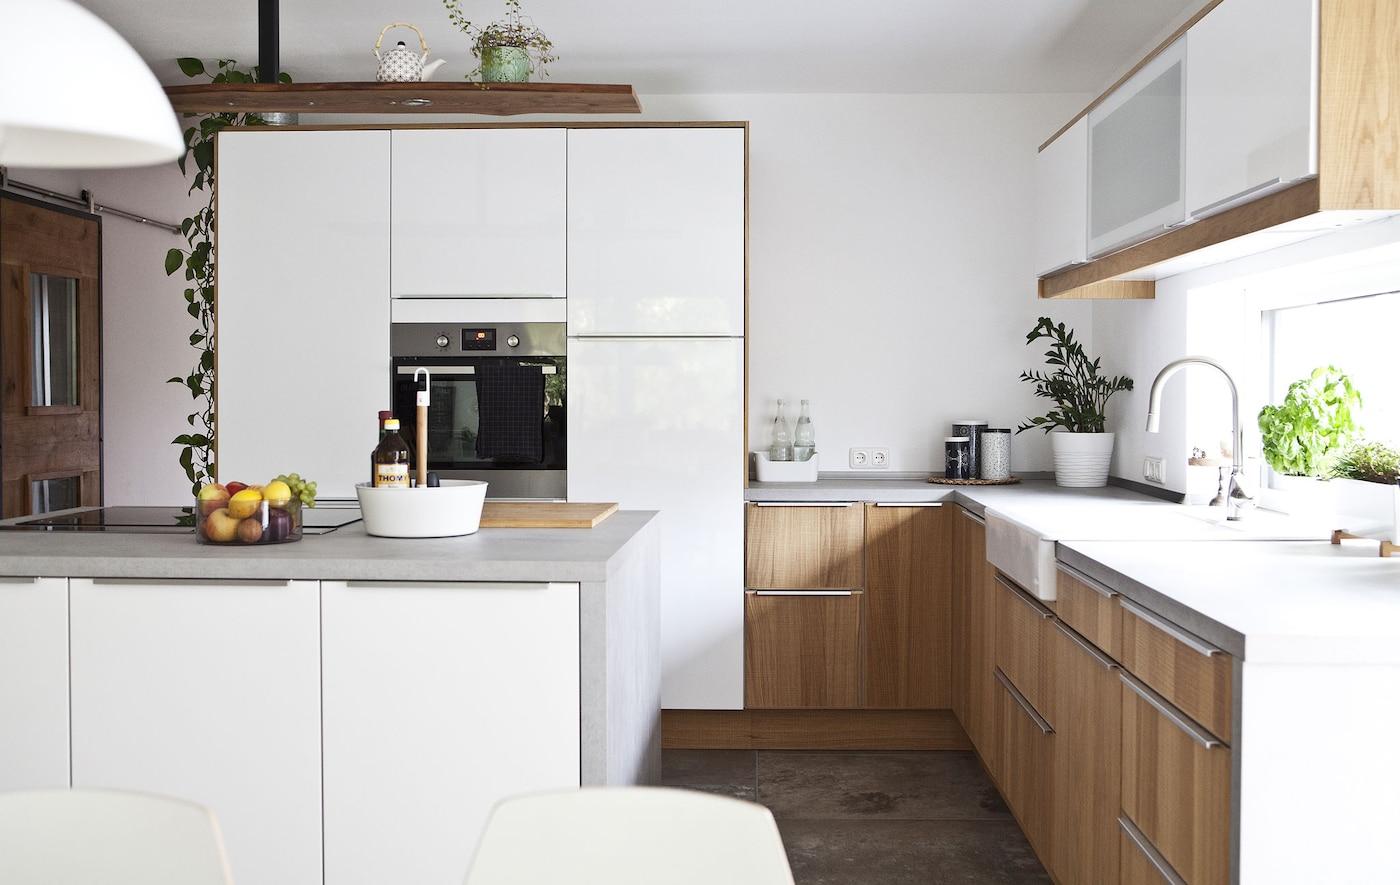 Conseils de style et d'organisation pour la cuisine